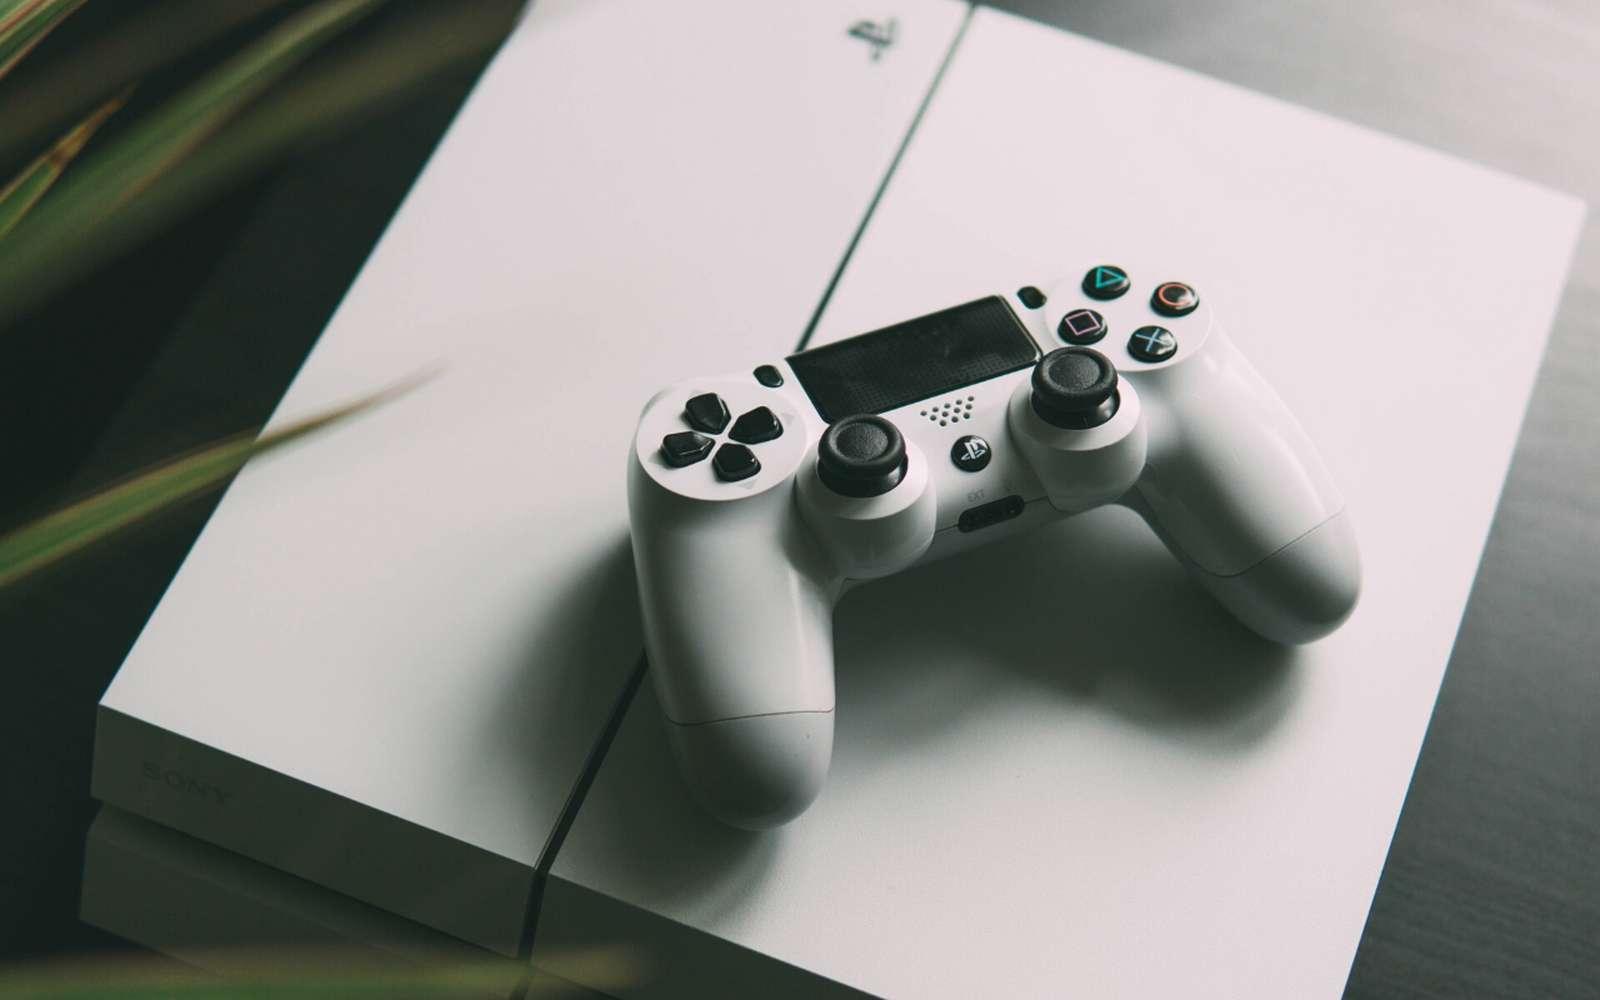 Les PS4 Slim et PS4 Pro voient chaque année leur prix baisser en fin d'année. © Unsplash